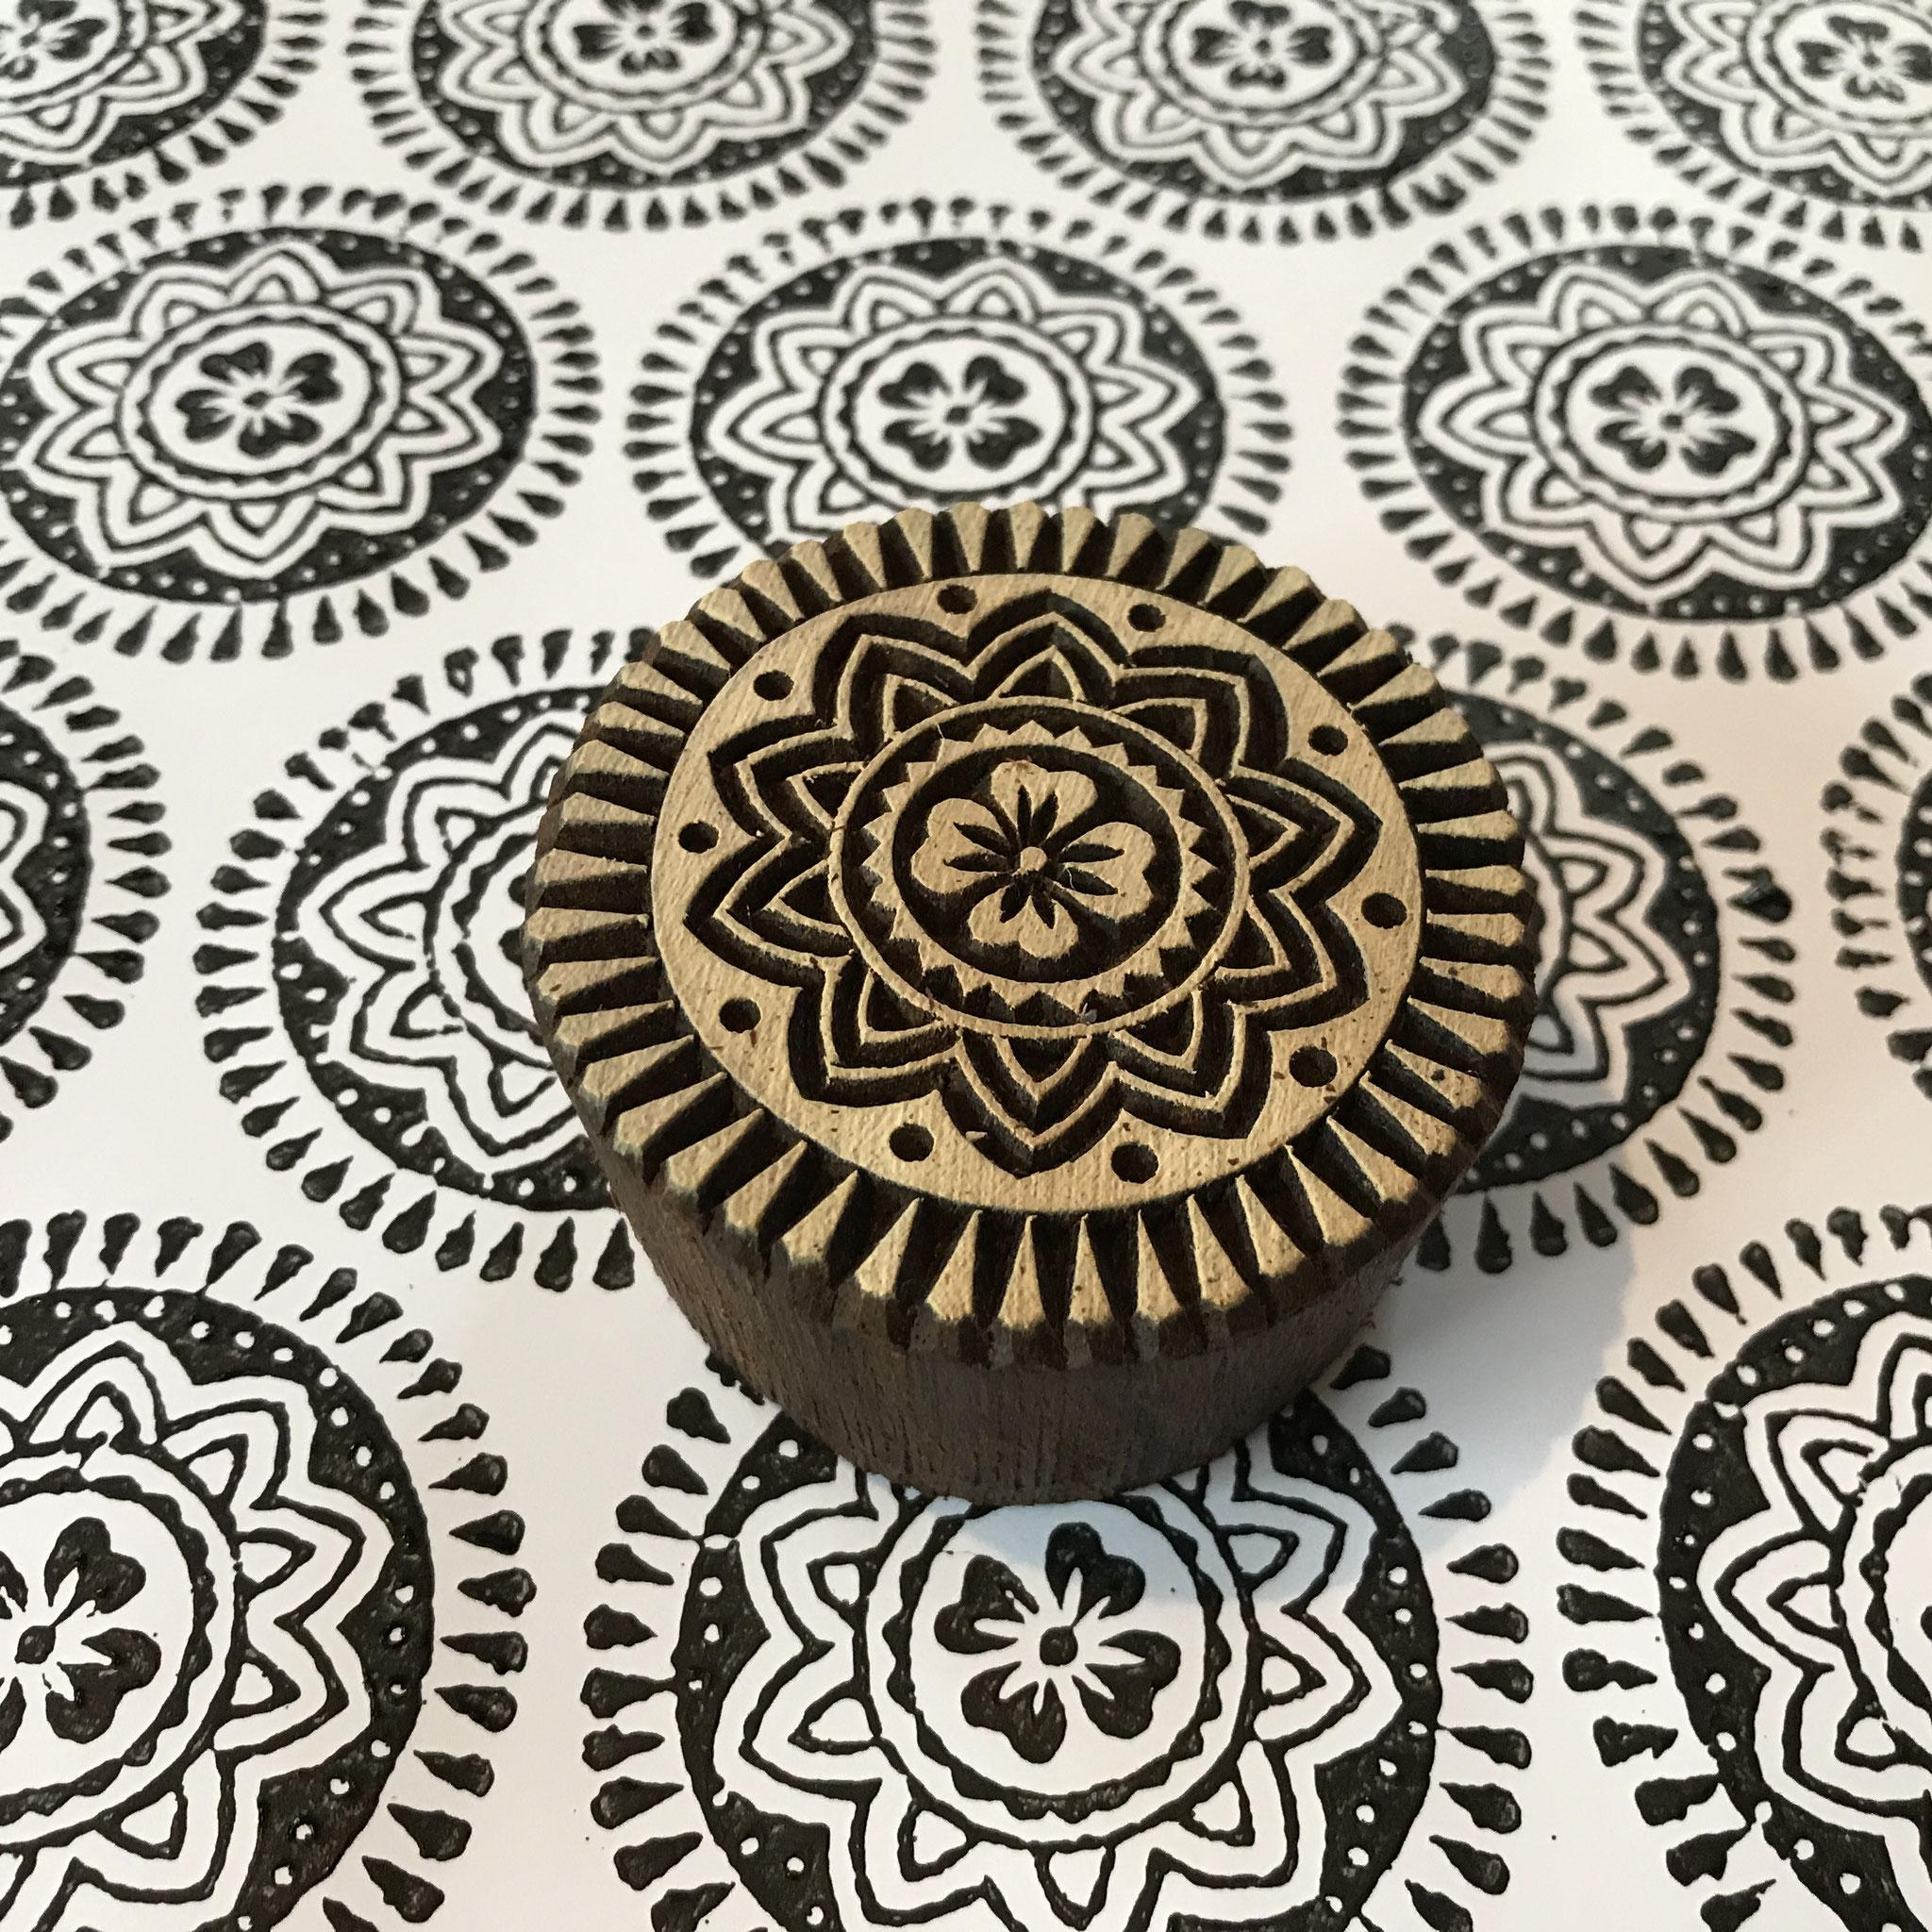 Wiederholendes Druckmuster, gestempelt mit indischen Holzstempel